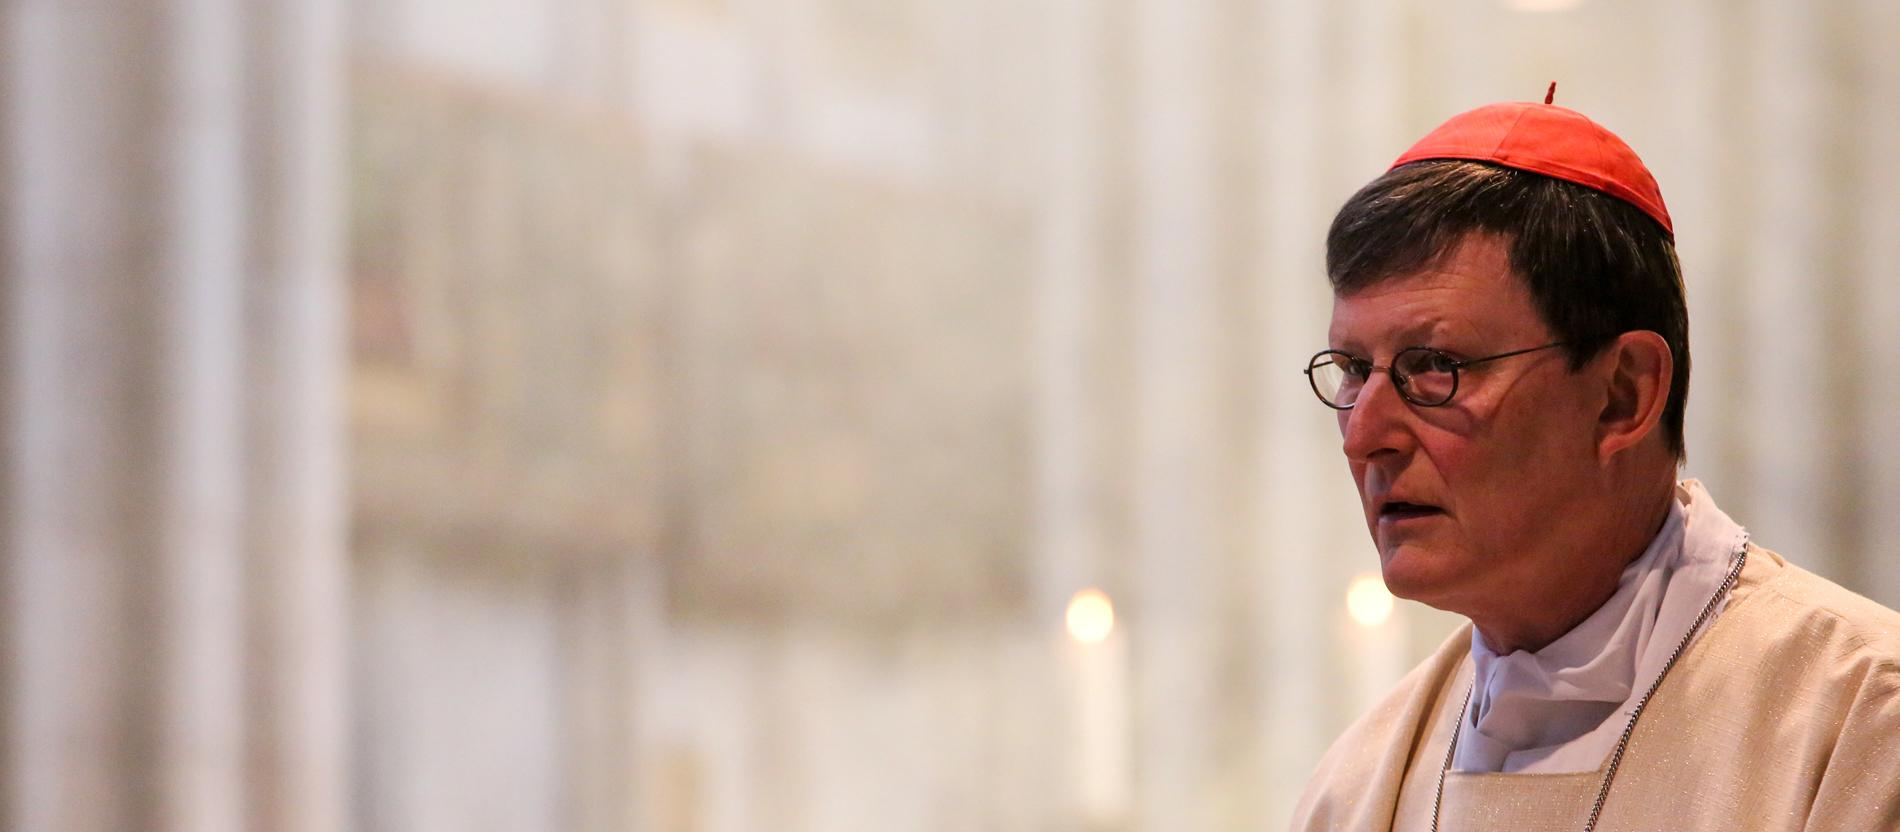 Woelki weist Kritik an Weihnachtspredigten zurück - katholisch.de